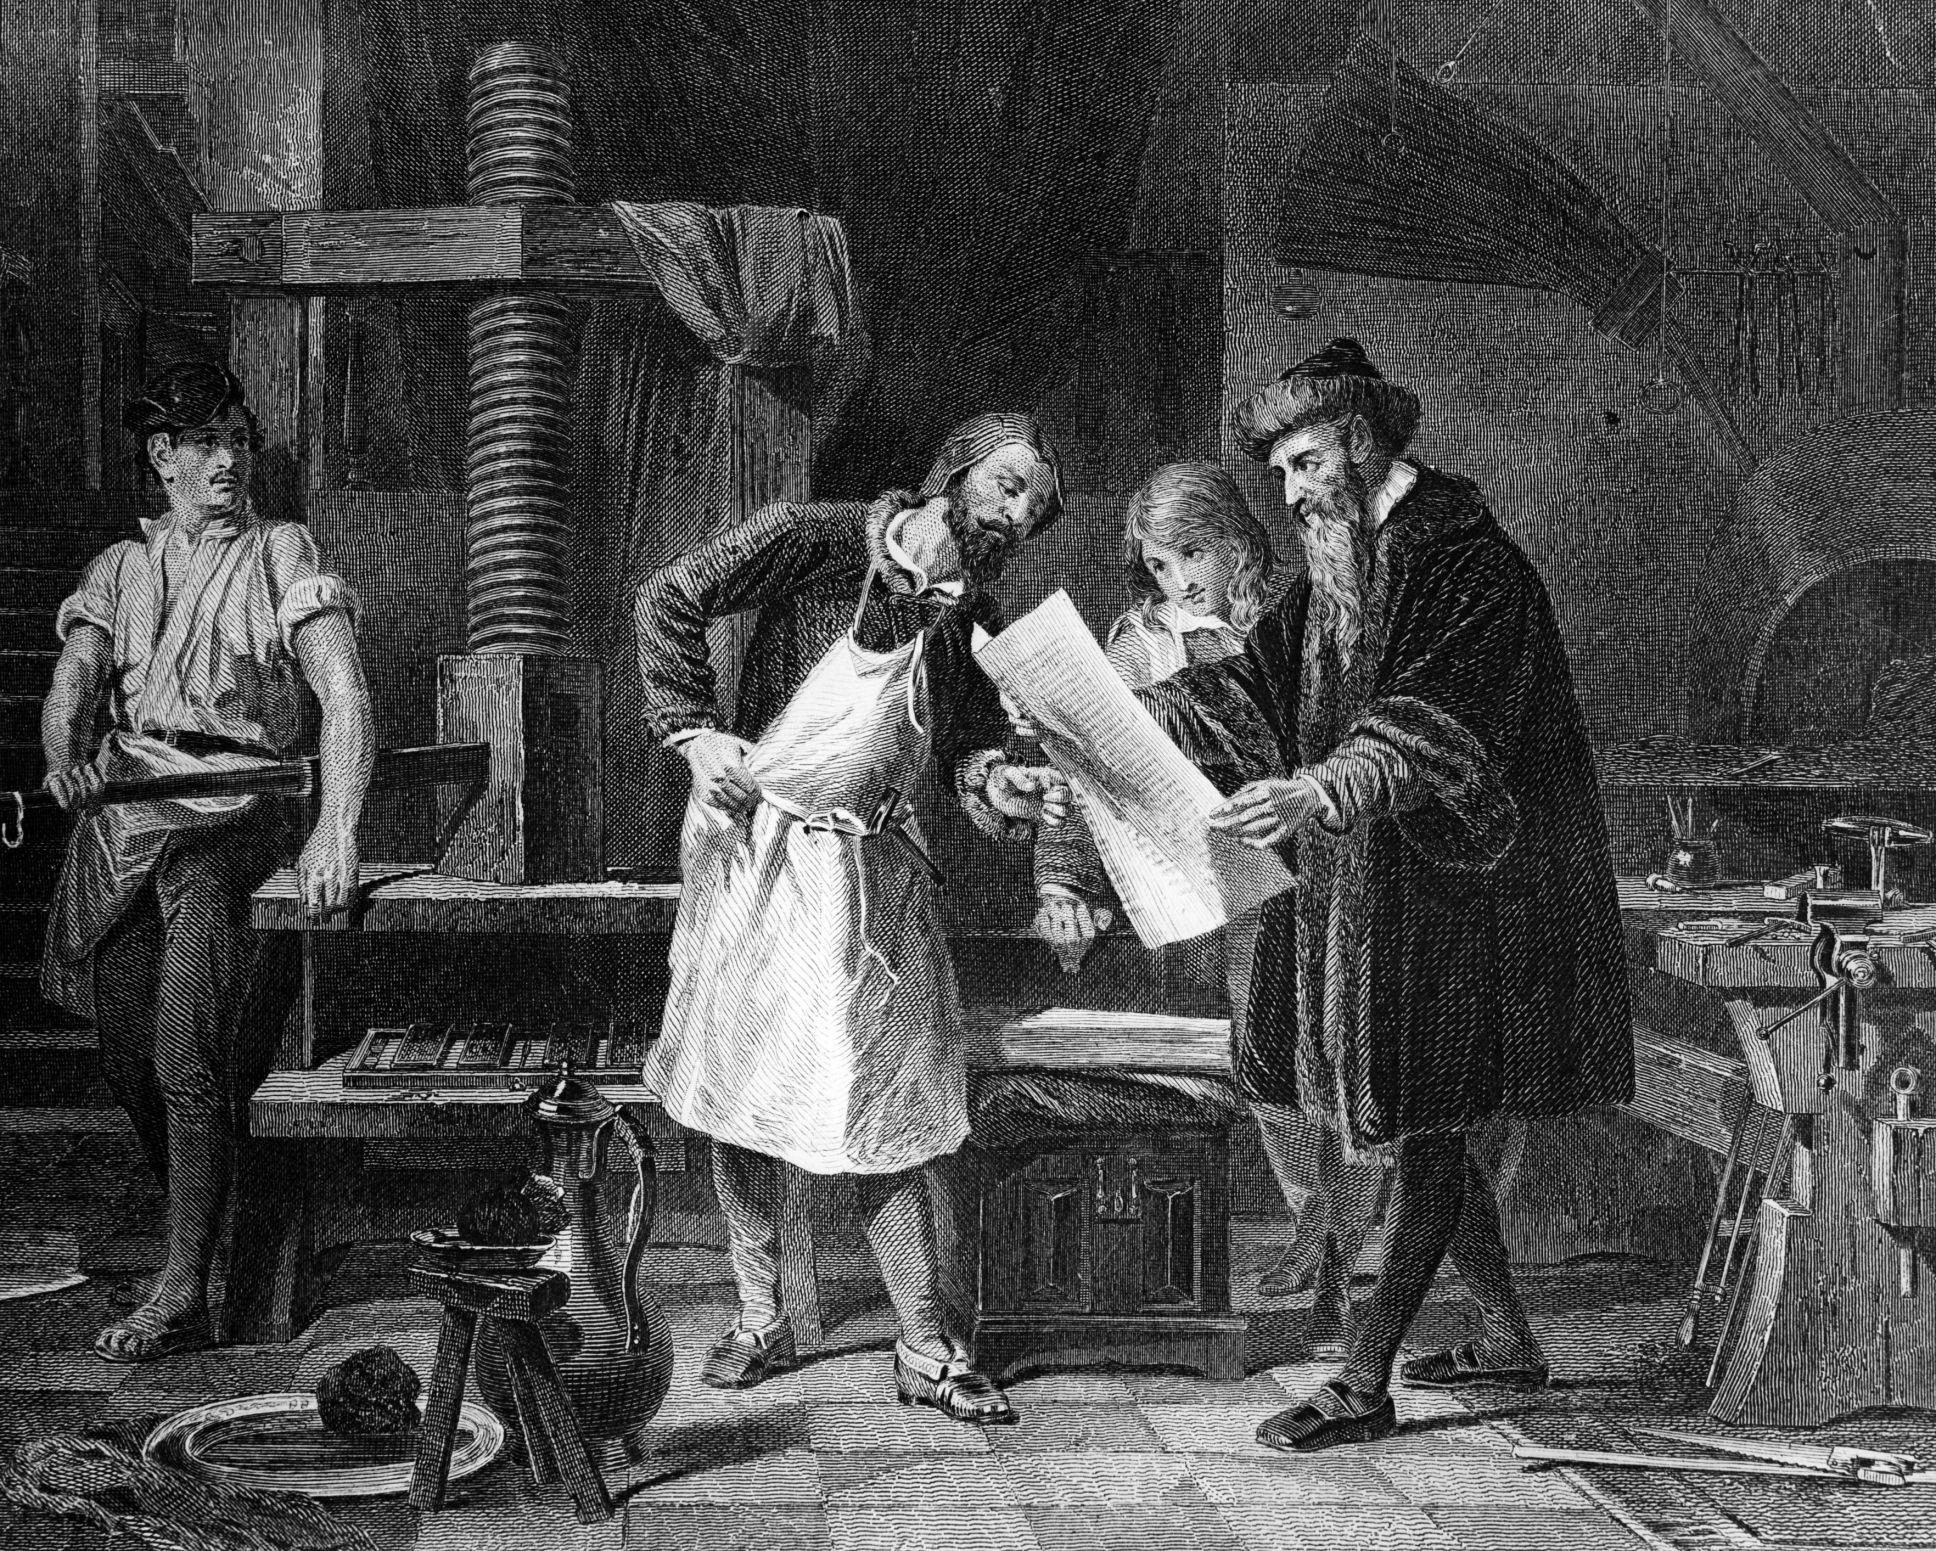 Antiker Kupferstich von Gutenberg der mit Mitarbeiter an seiner Druckmaschine arbeitet.